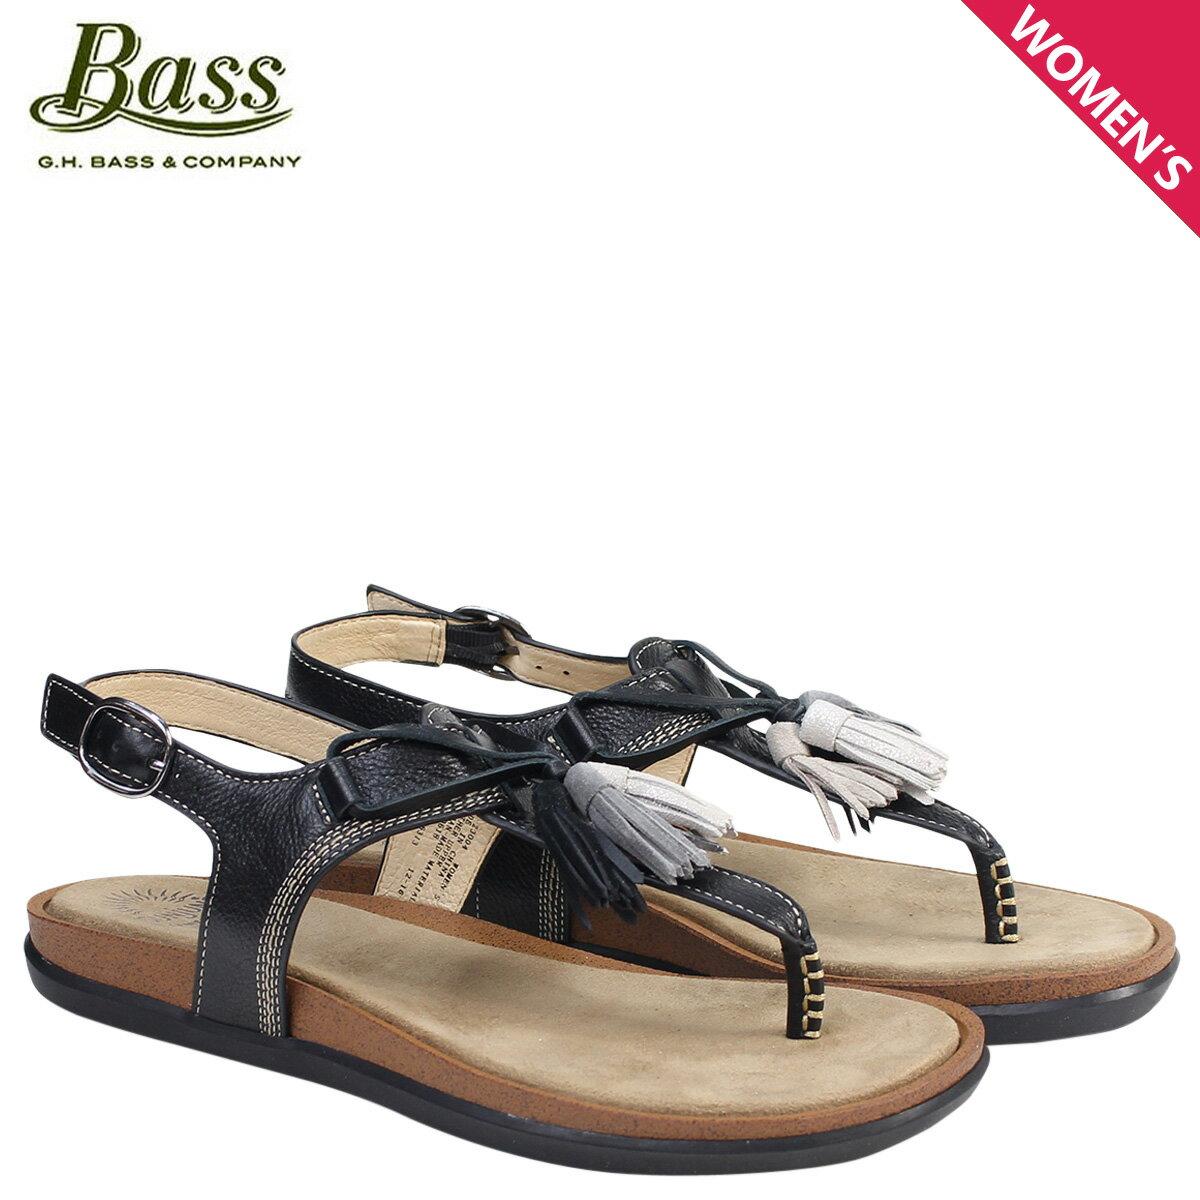 ジーエイチバス サンダル レディース G.H. BASS トングサンダル タッセル Tストラップ SADIE T-STRAP SUNJUNS 71-23004 靴 ブラック [177]